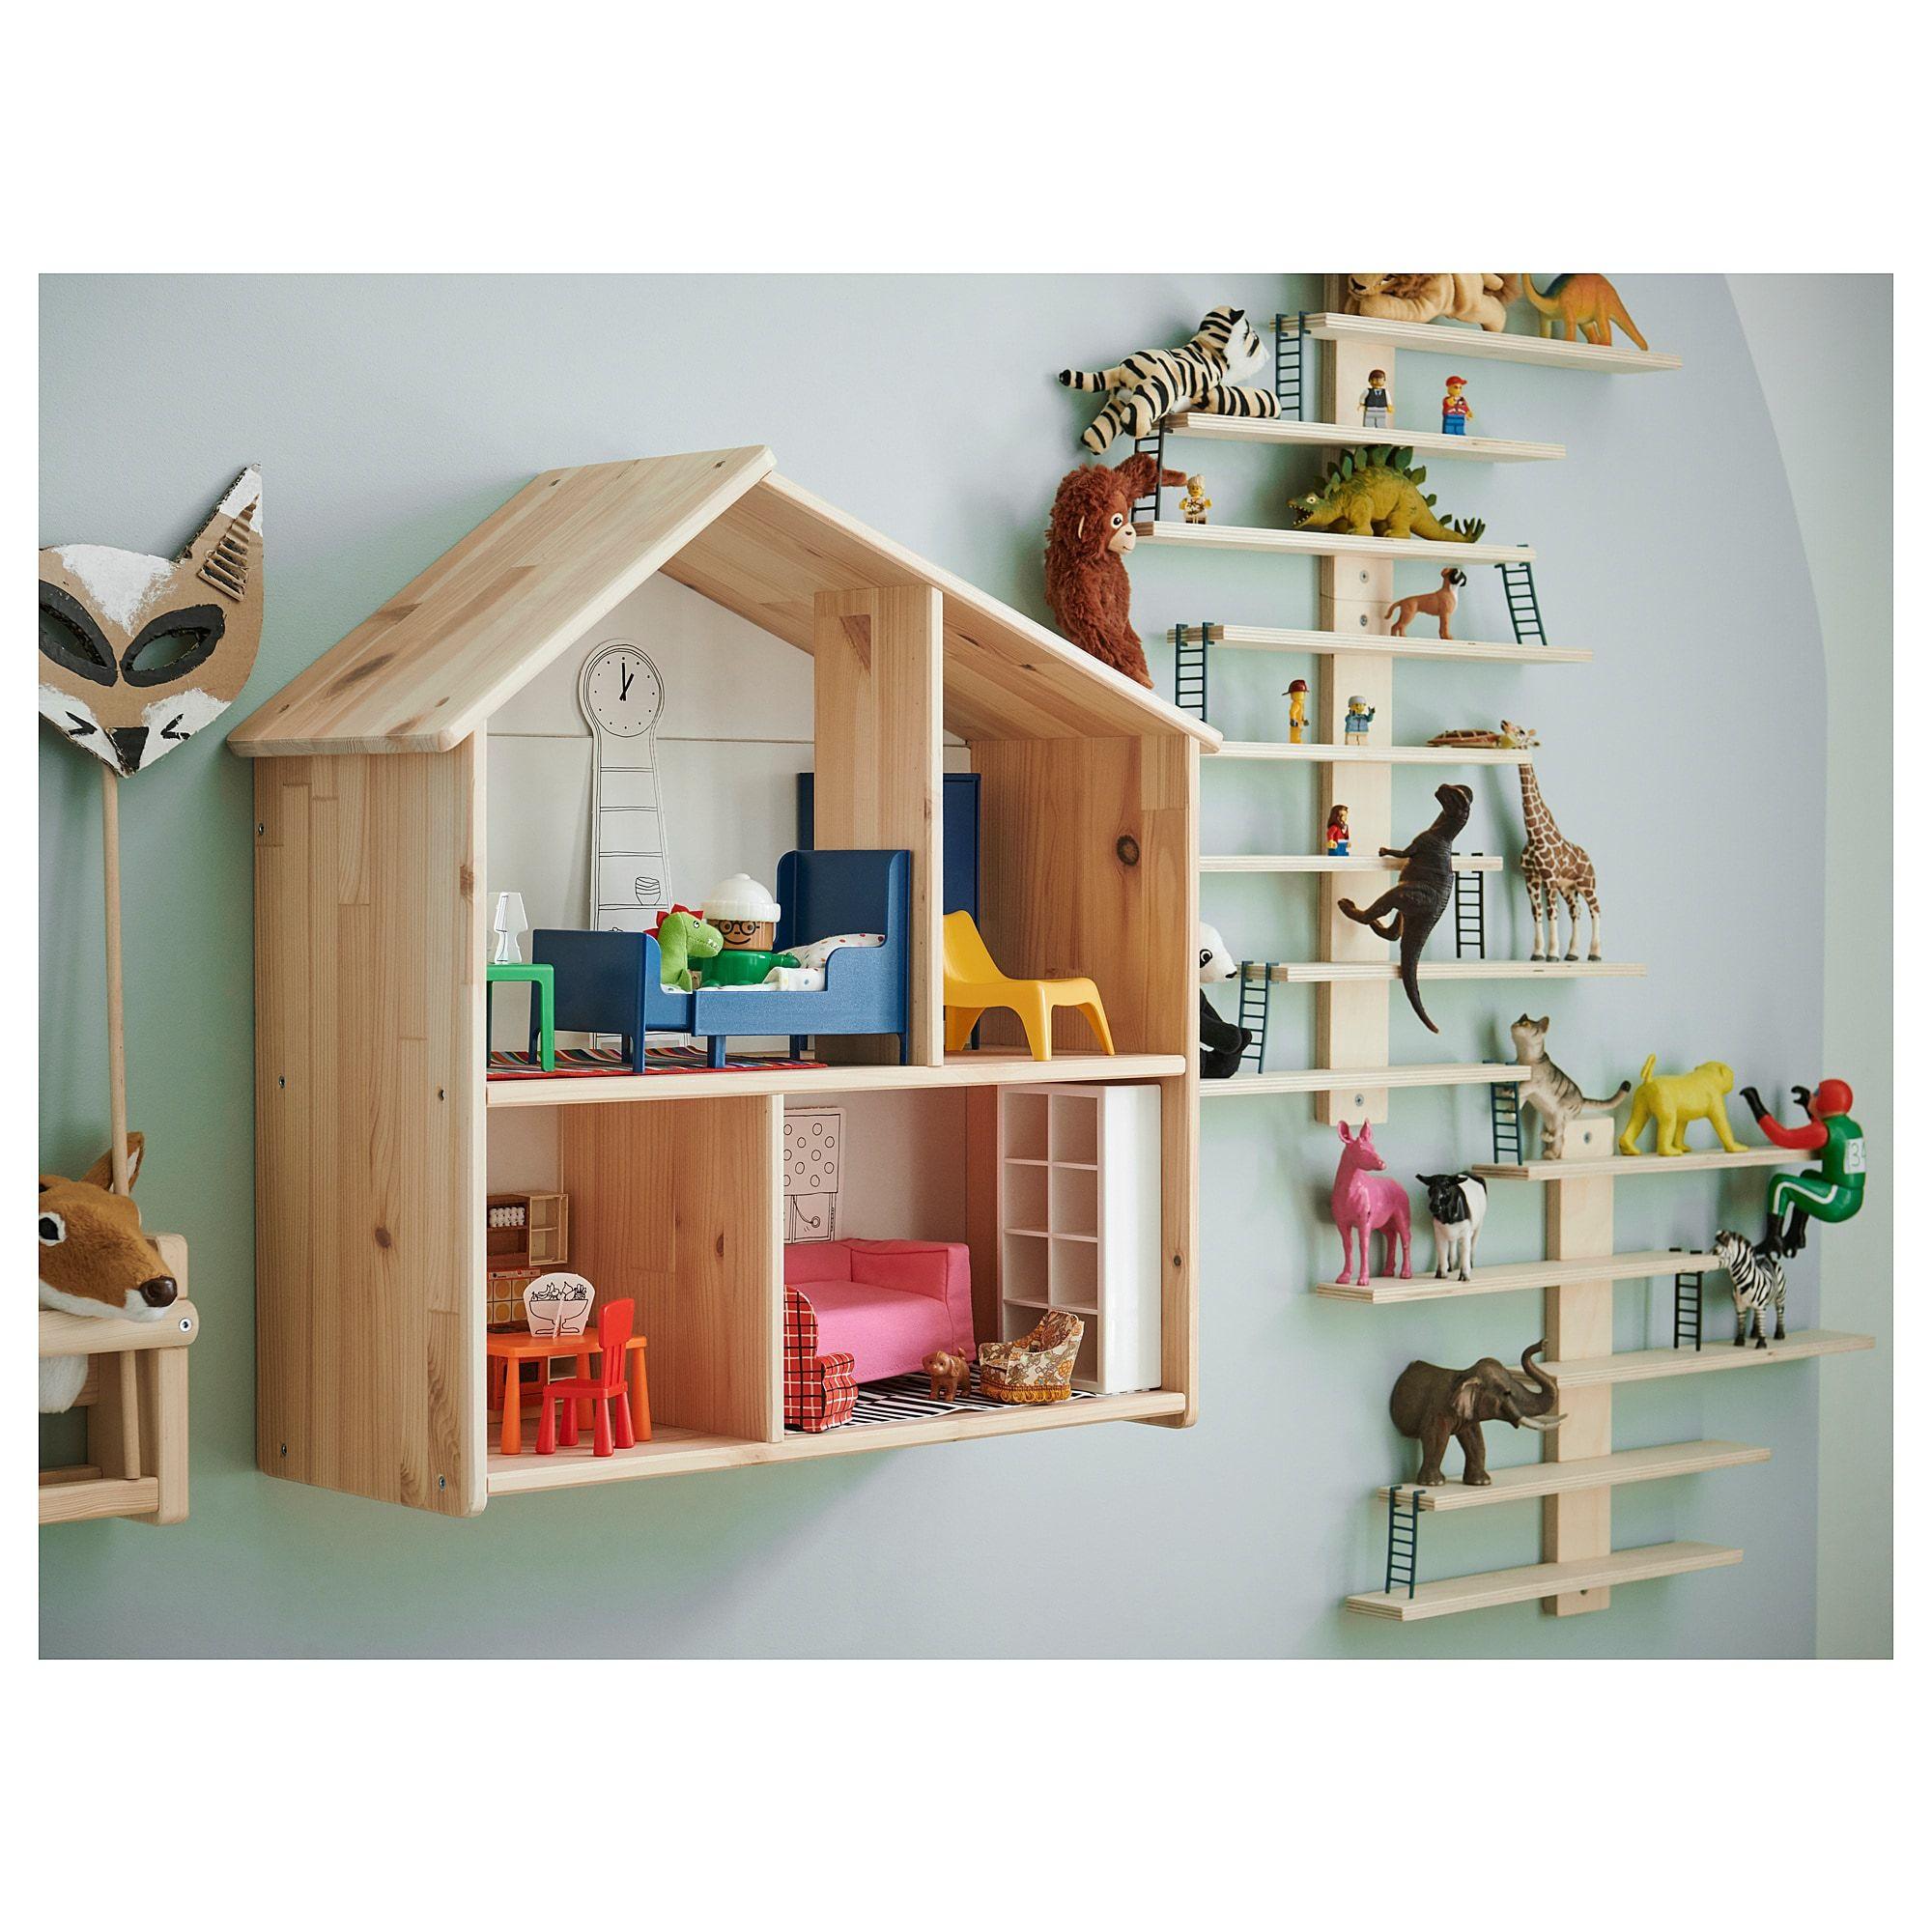 Flisat Puppenhaus Wandregal In 2020 Regalwand Wandregal Ikea